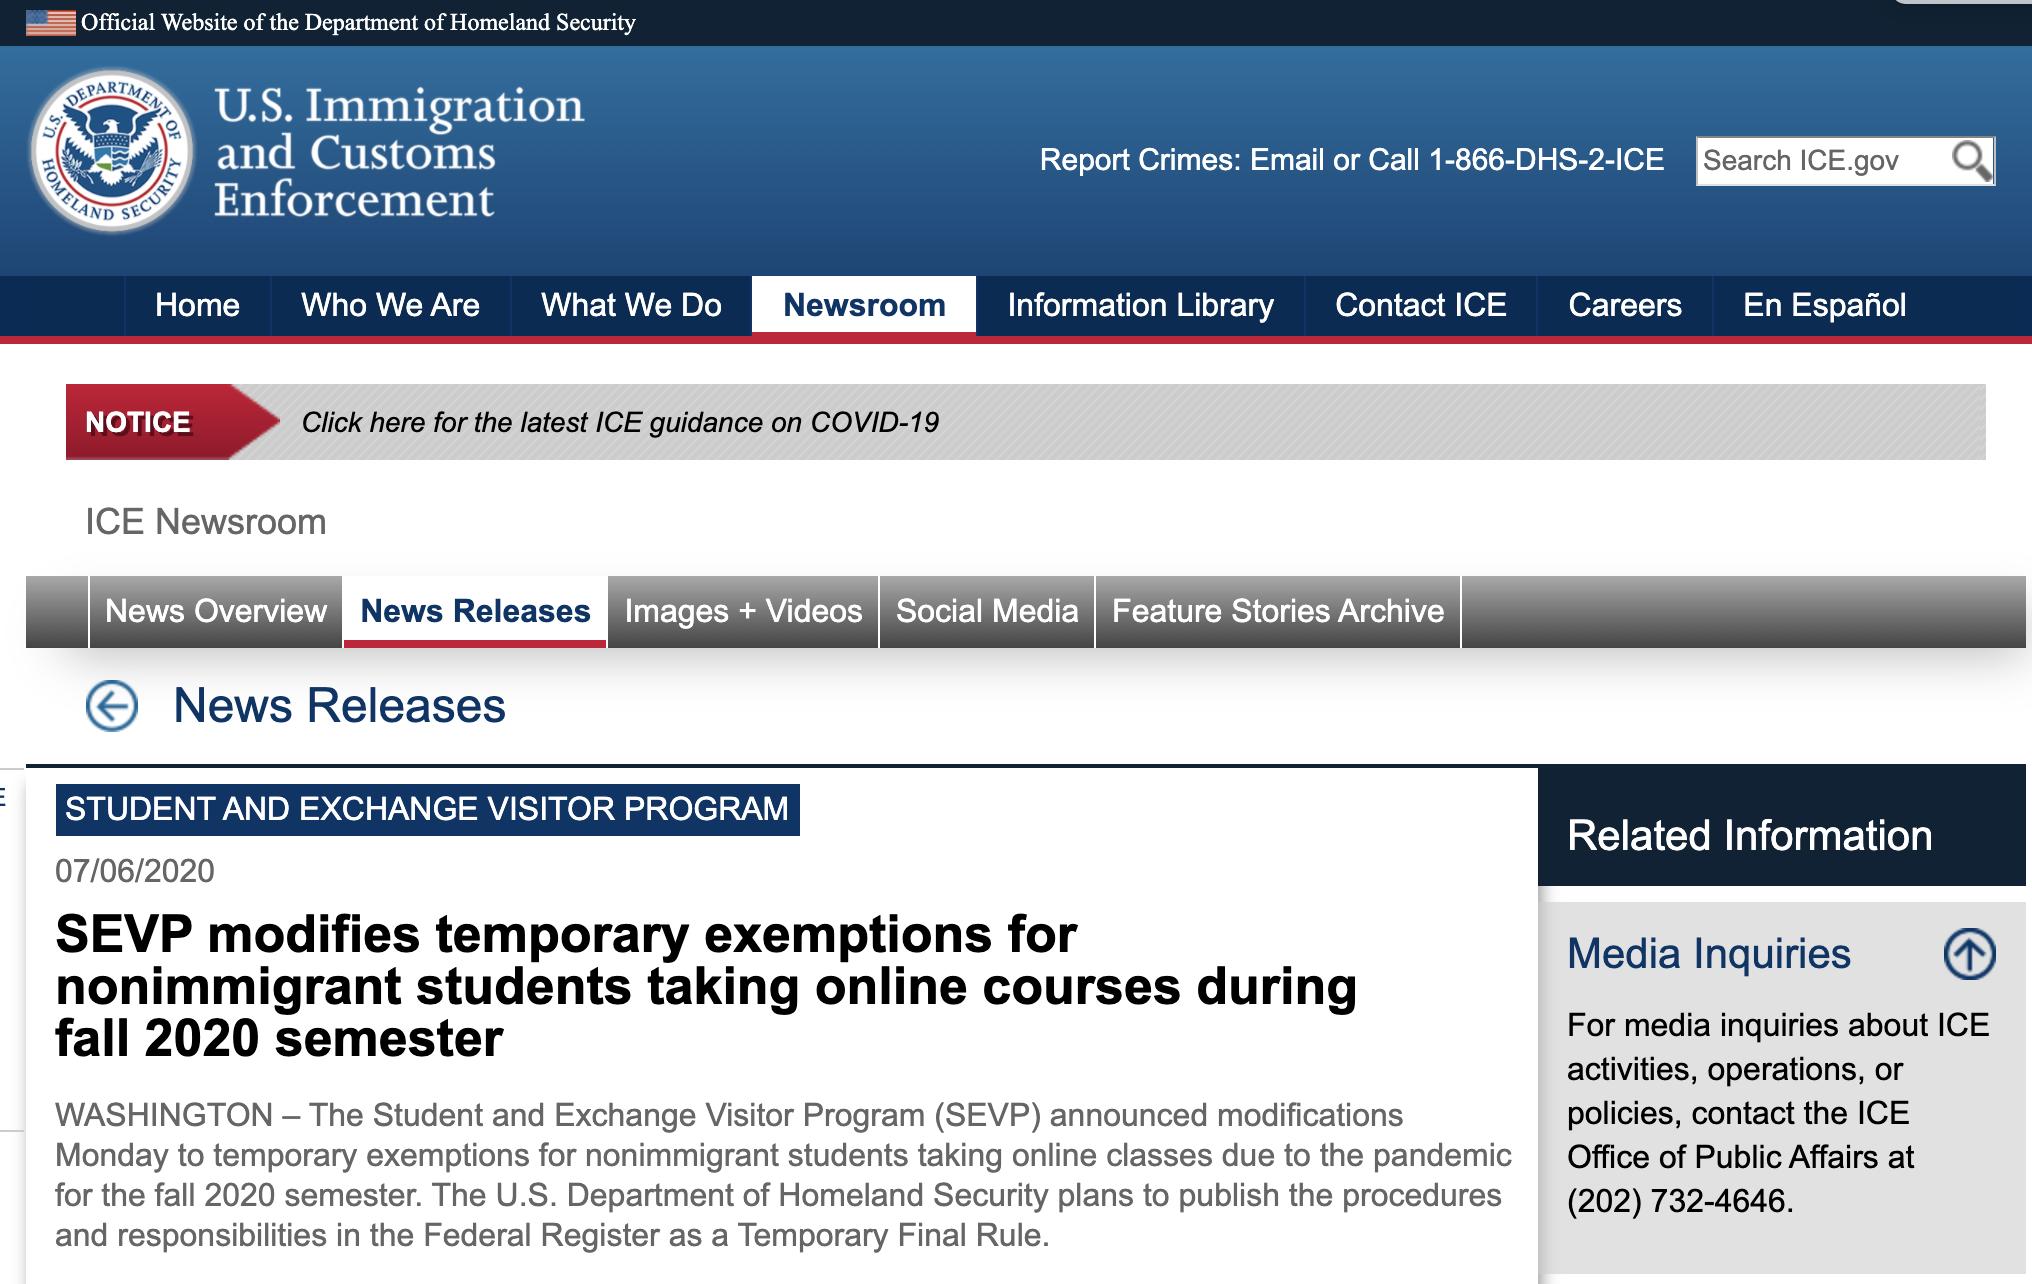 【反向链接】_中国留学生将被美大面积遣返 哈佛校长:一刀切